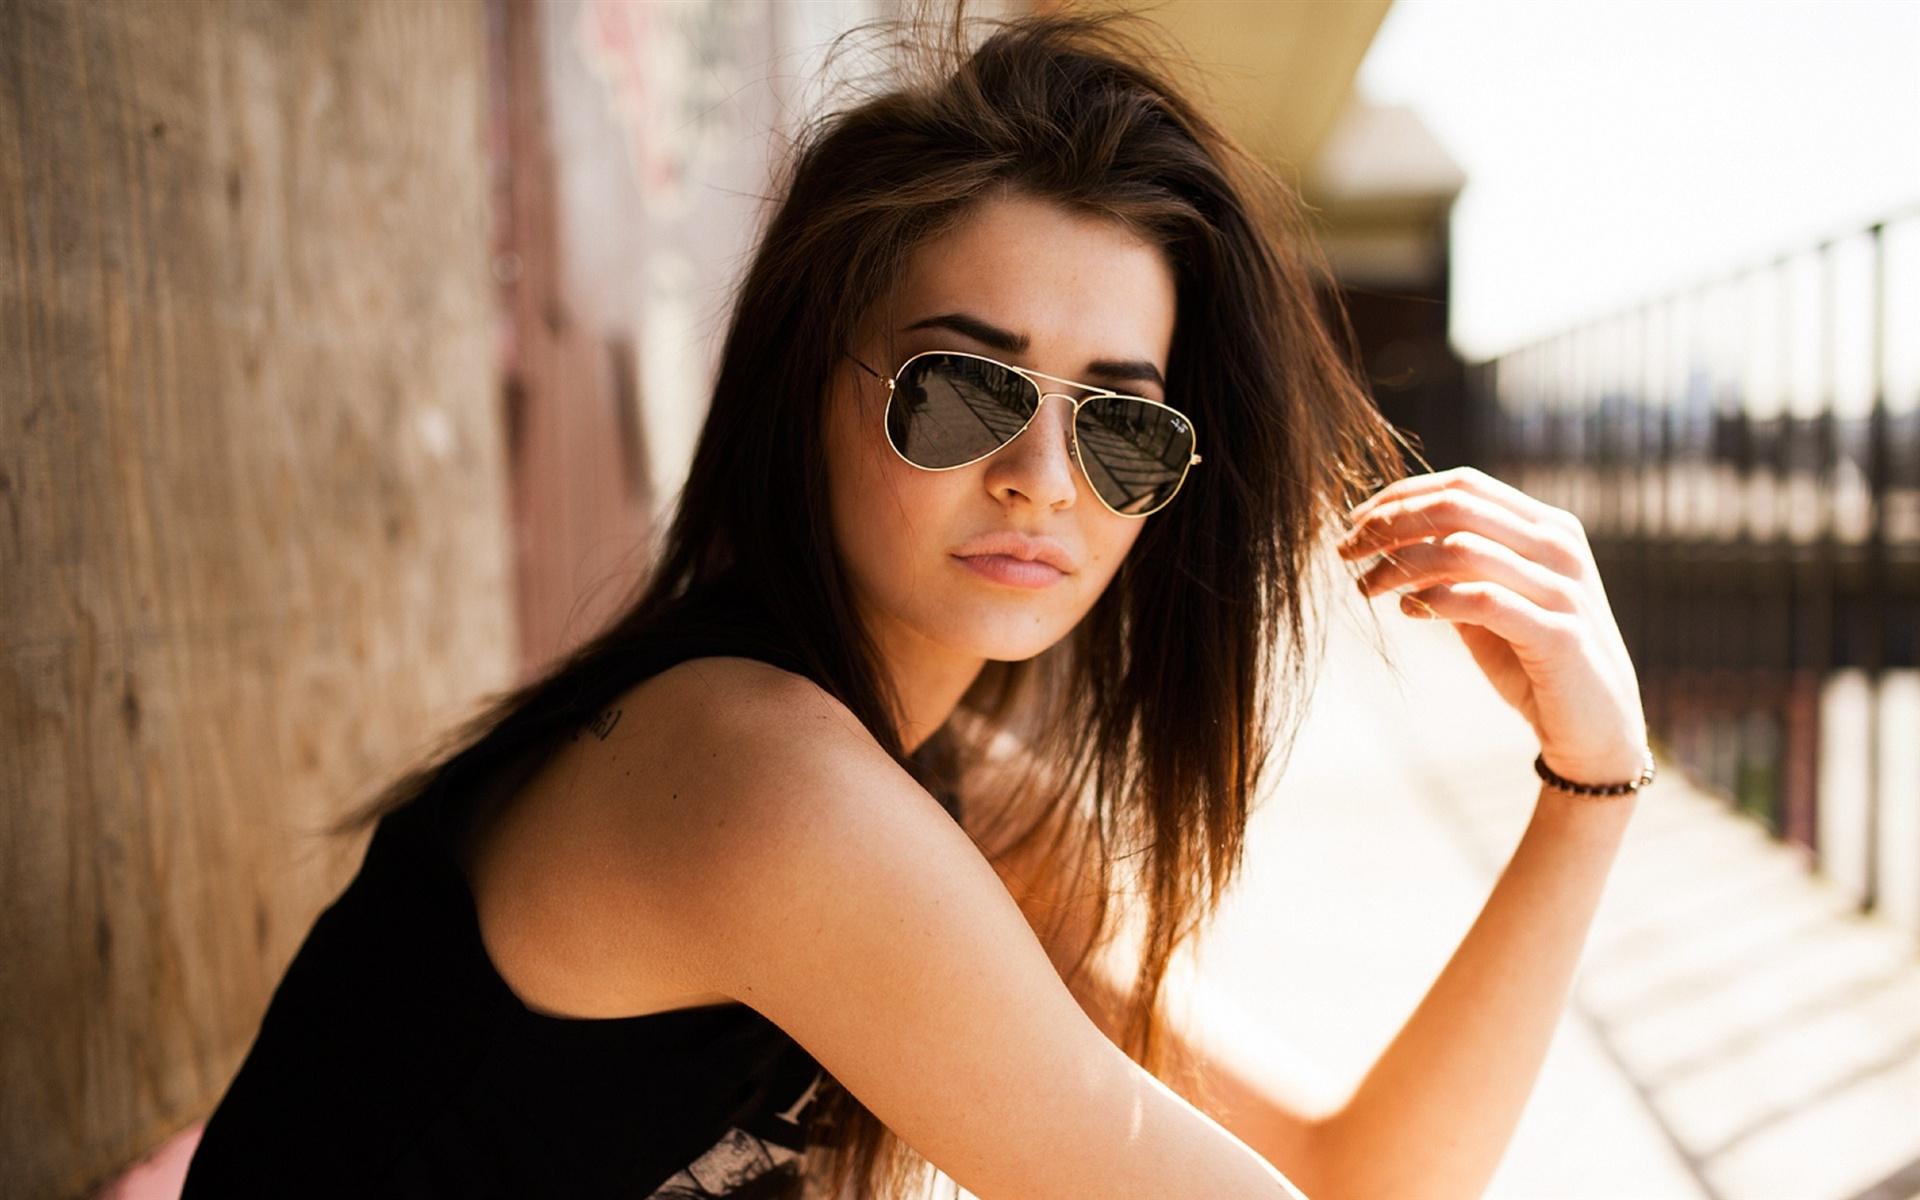 обворожительная брюнетка в солнечных очках без смс